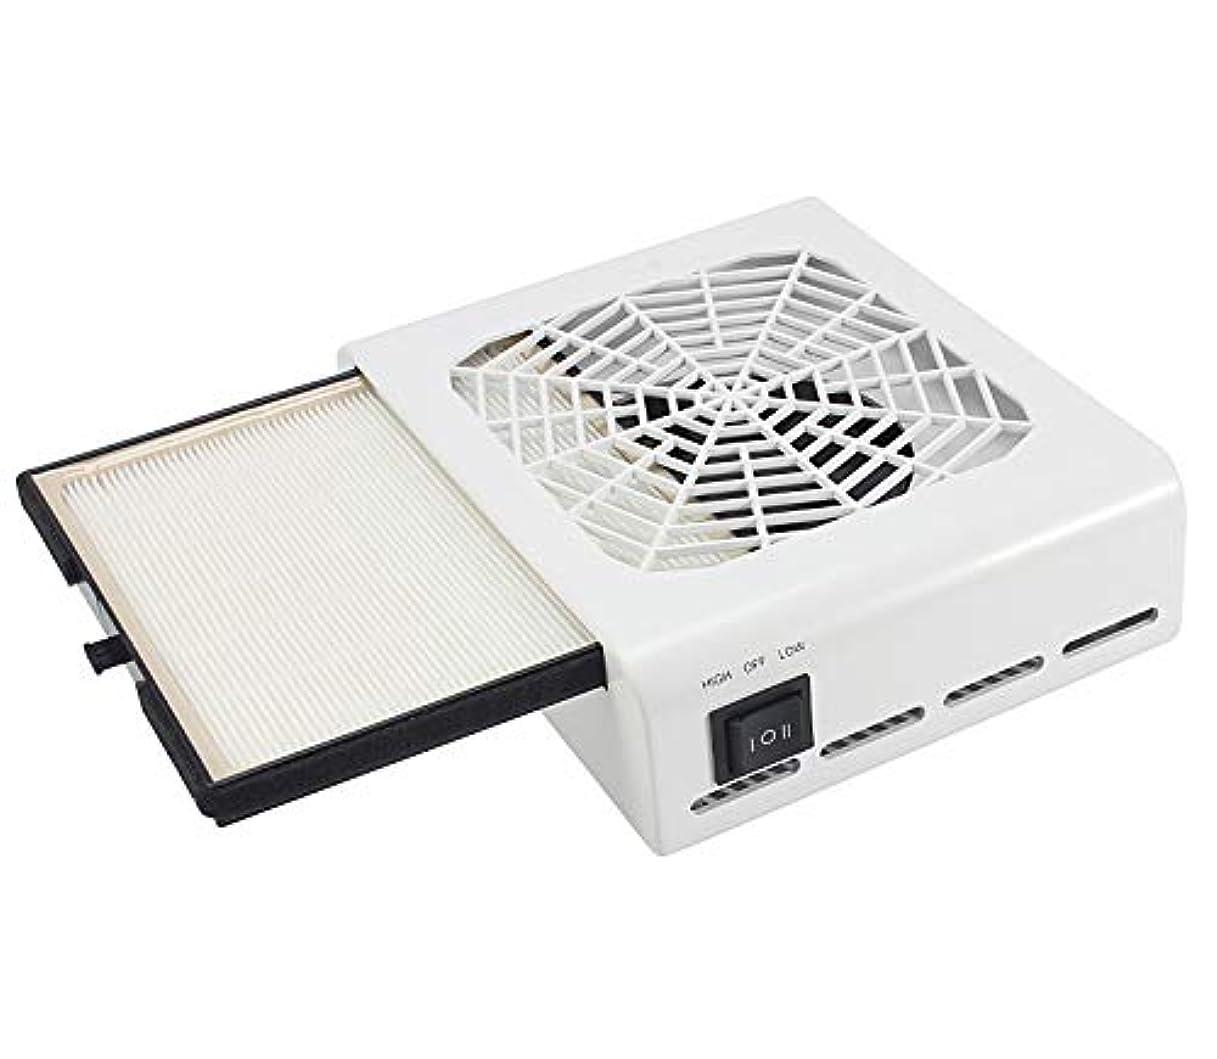 夕食を作る控えるなしでネイルダスト 集塵機 ジェルネイル ネイル機器 最新版 セルフネイル 低騒音 110V 40W パワー調節可能 白